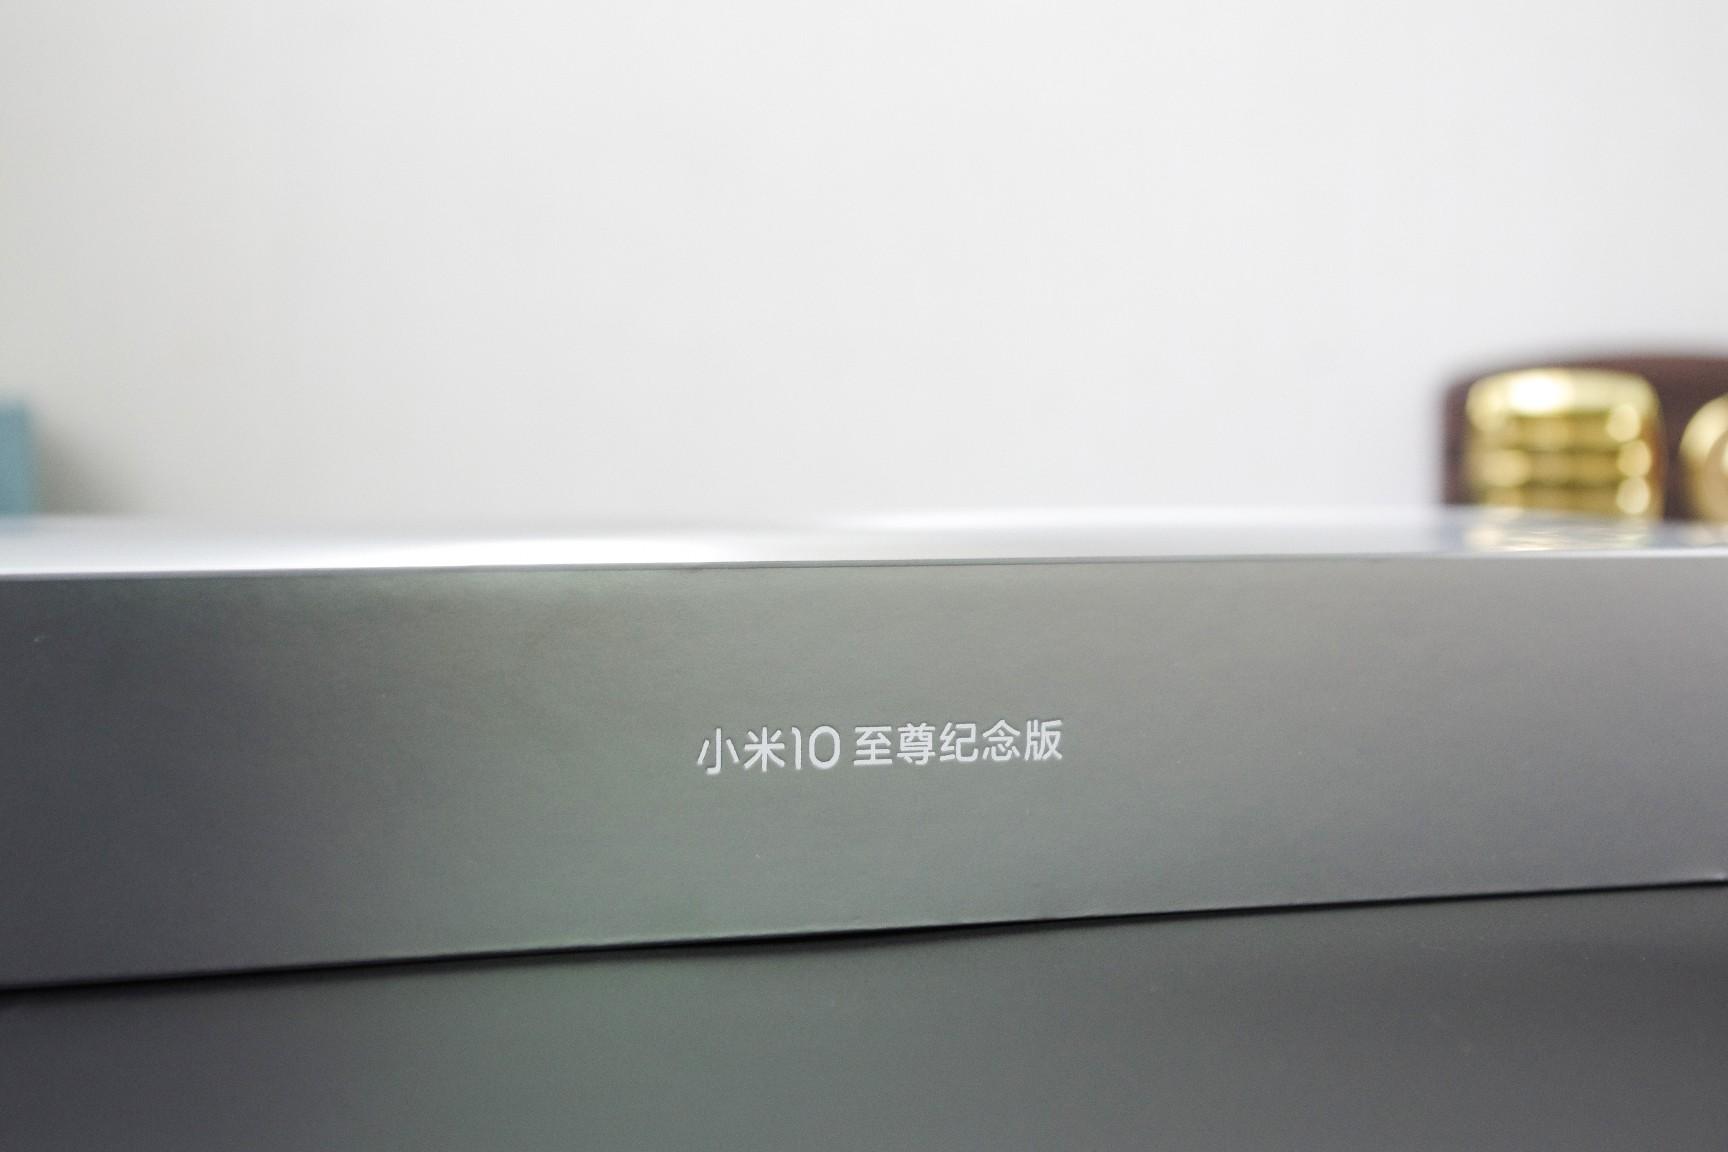 Packaging side